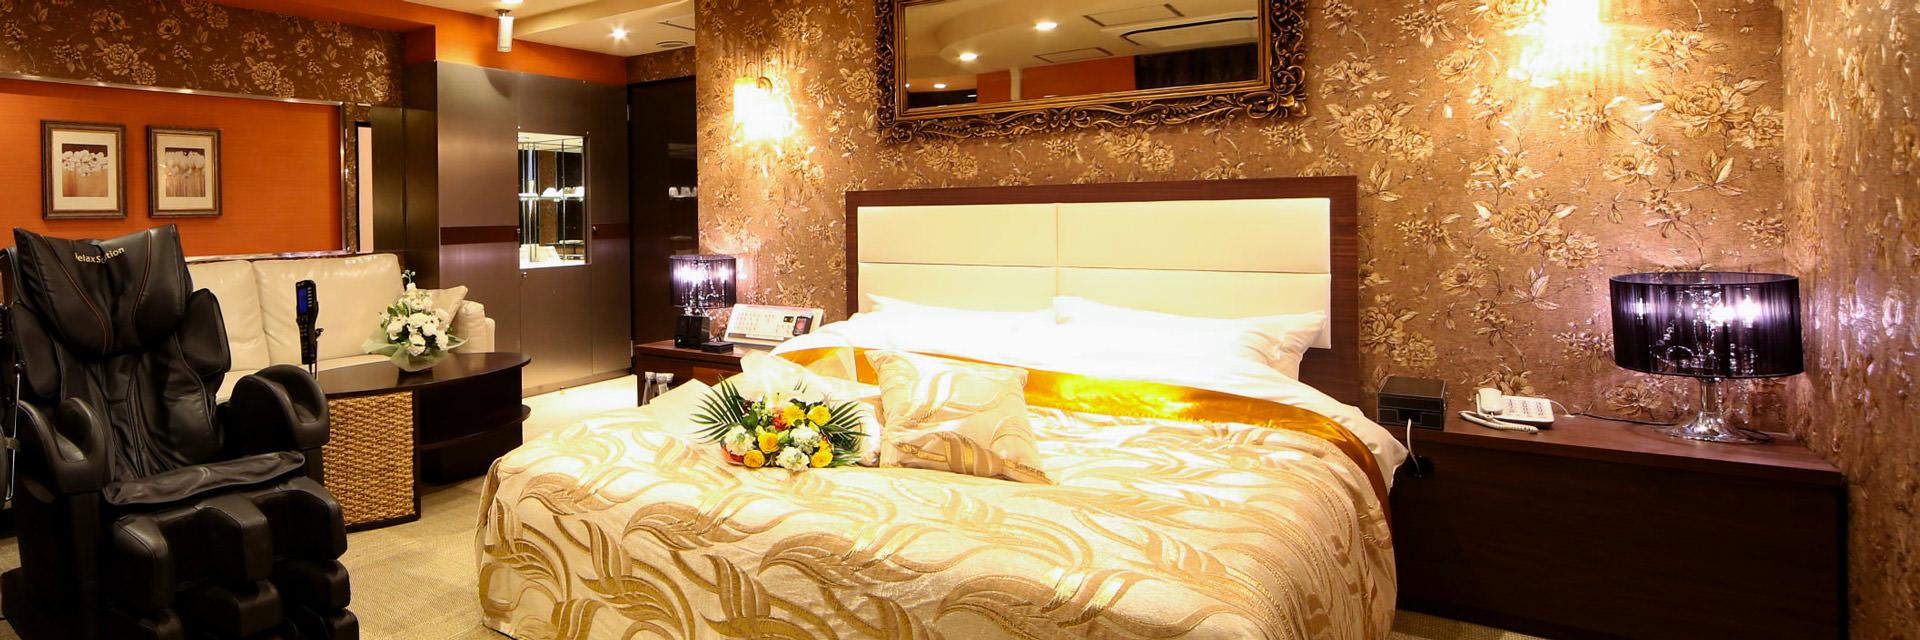 Room903